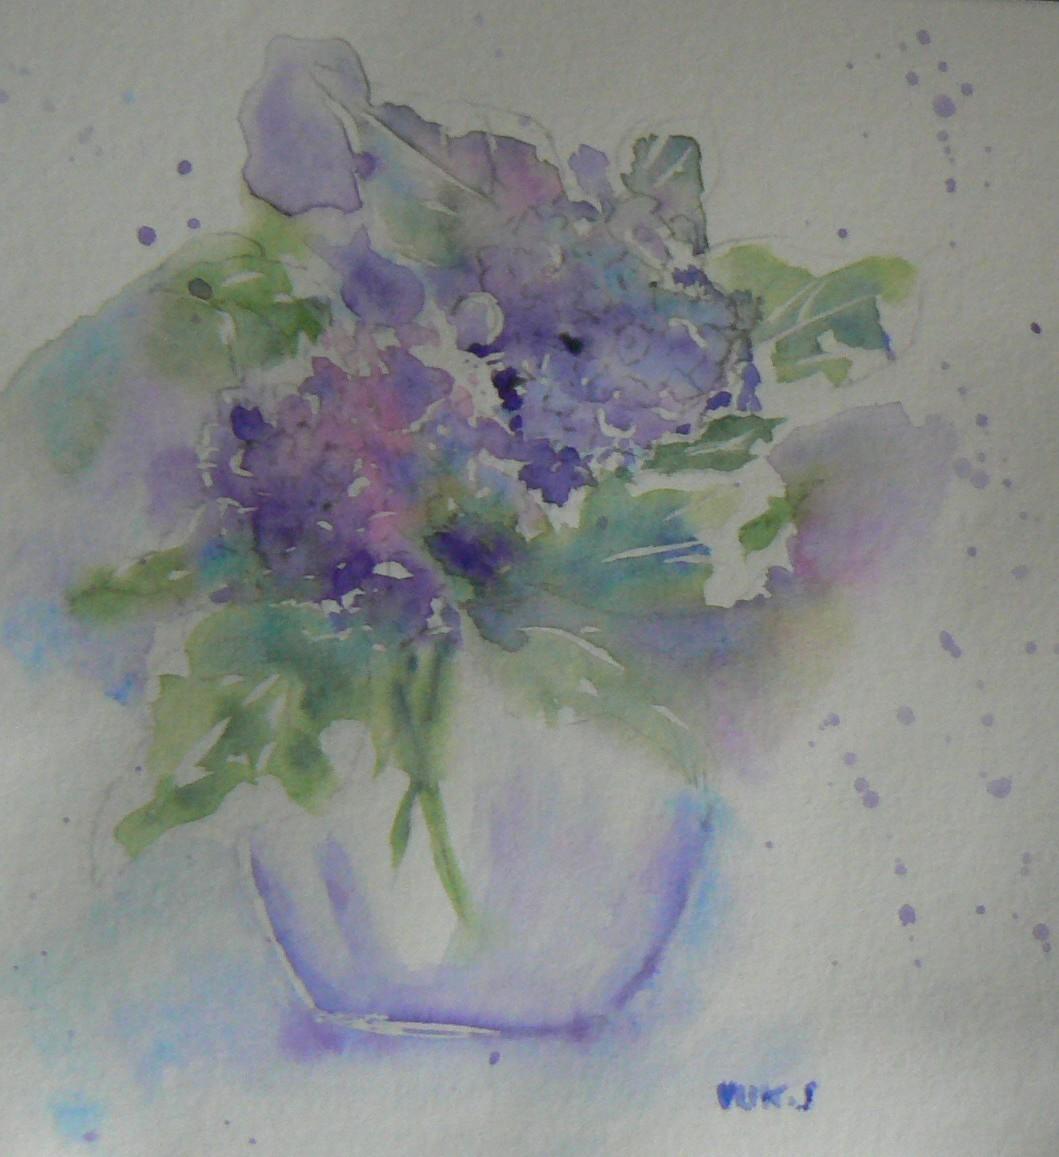 Peinture bouquet d 39 hortensia - Quand couper les fleurs fanees des hortensias ...